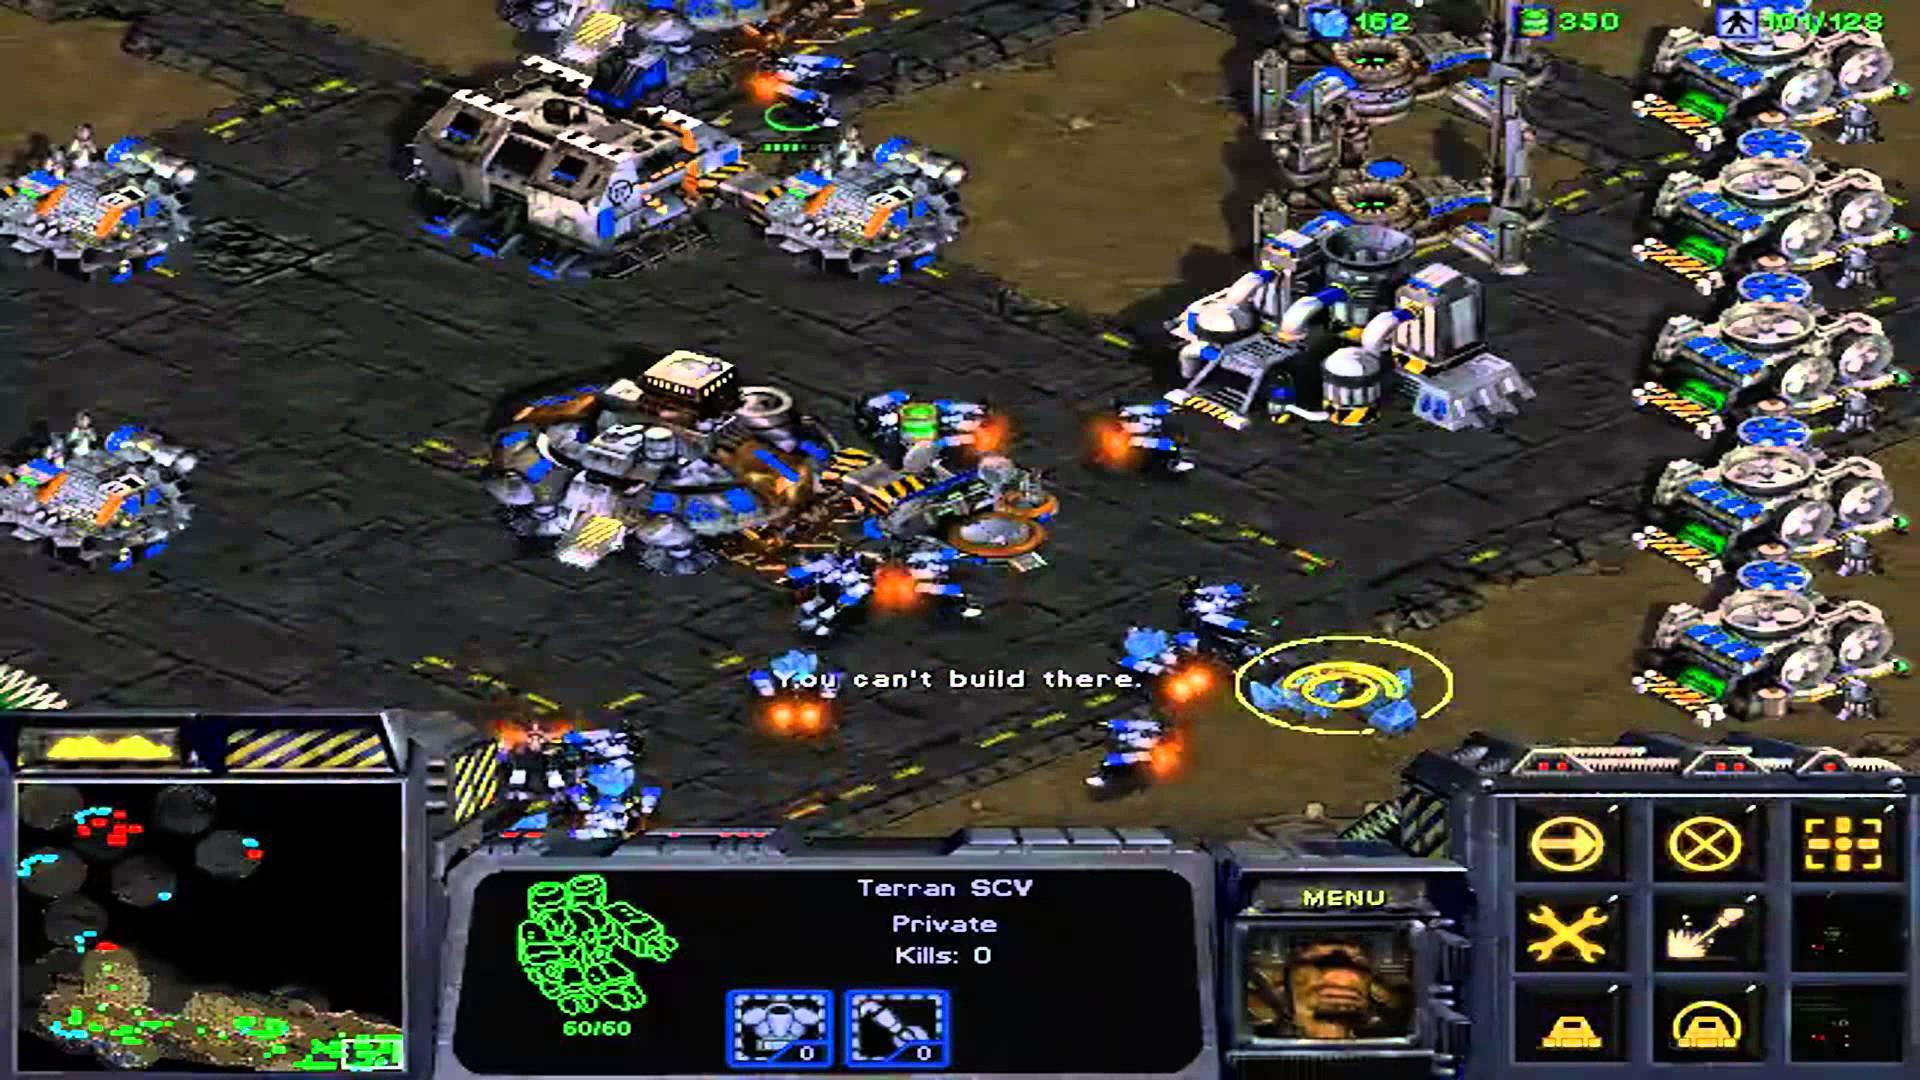 Starcraft é um game de estratégia em tempo real (RTS) que faz sucesso há 18 anos